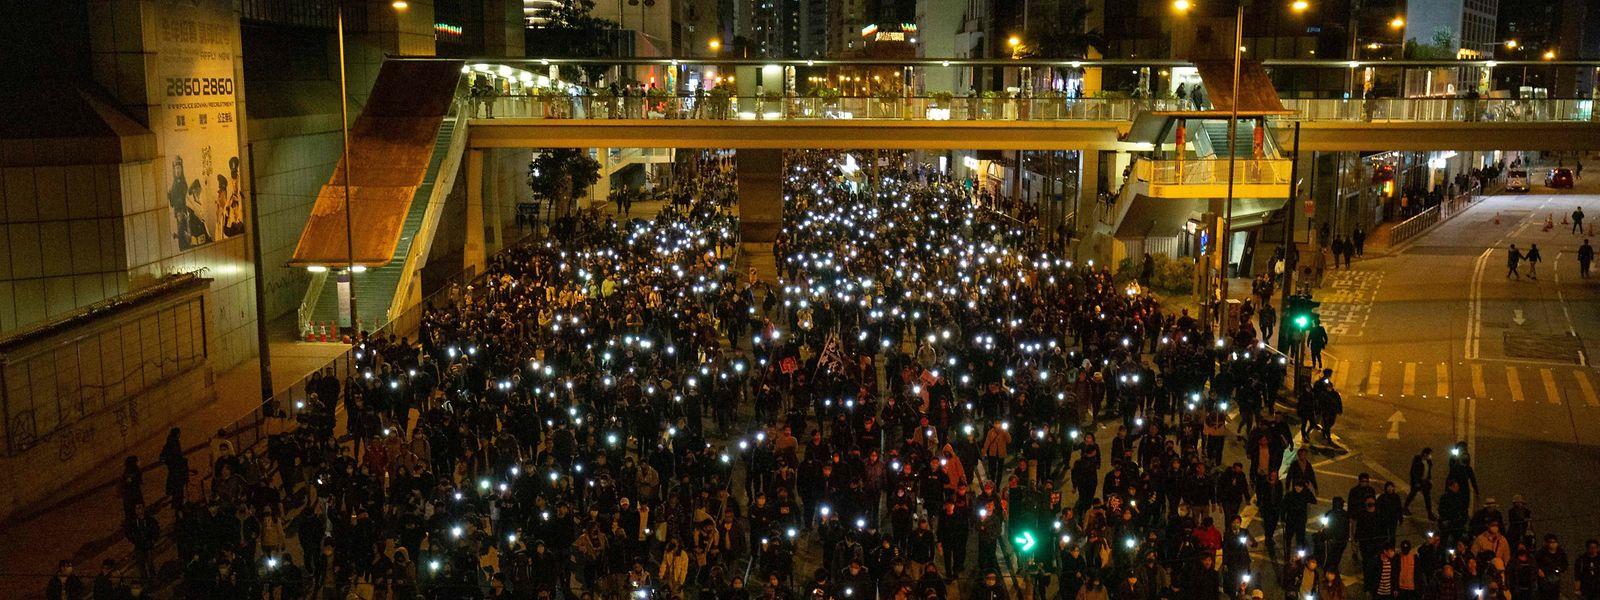 Auch nach einem halben Jahr scheint bei den Protesten in Hongkong kein Ende in Sicht zu sein.